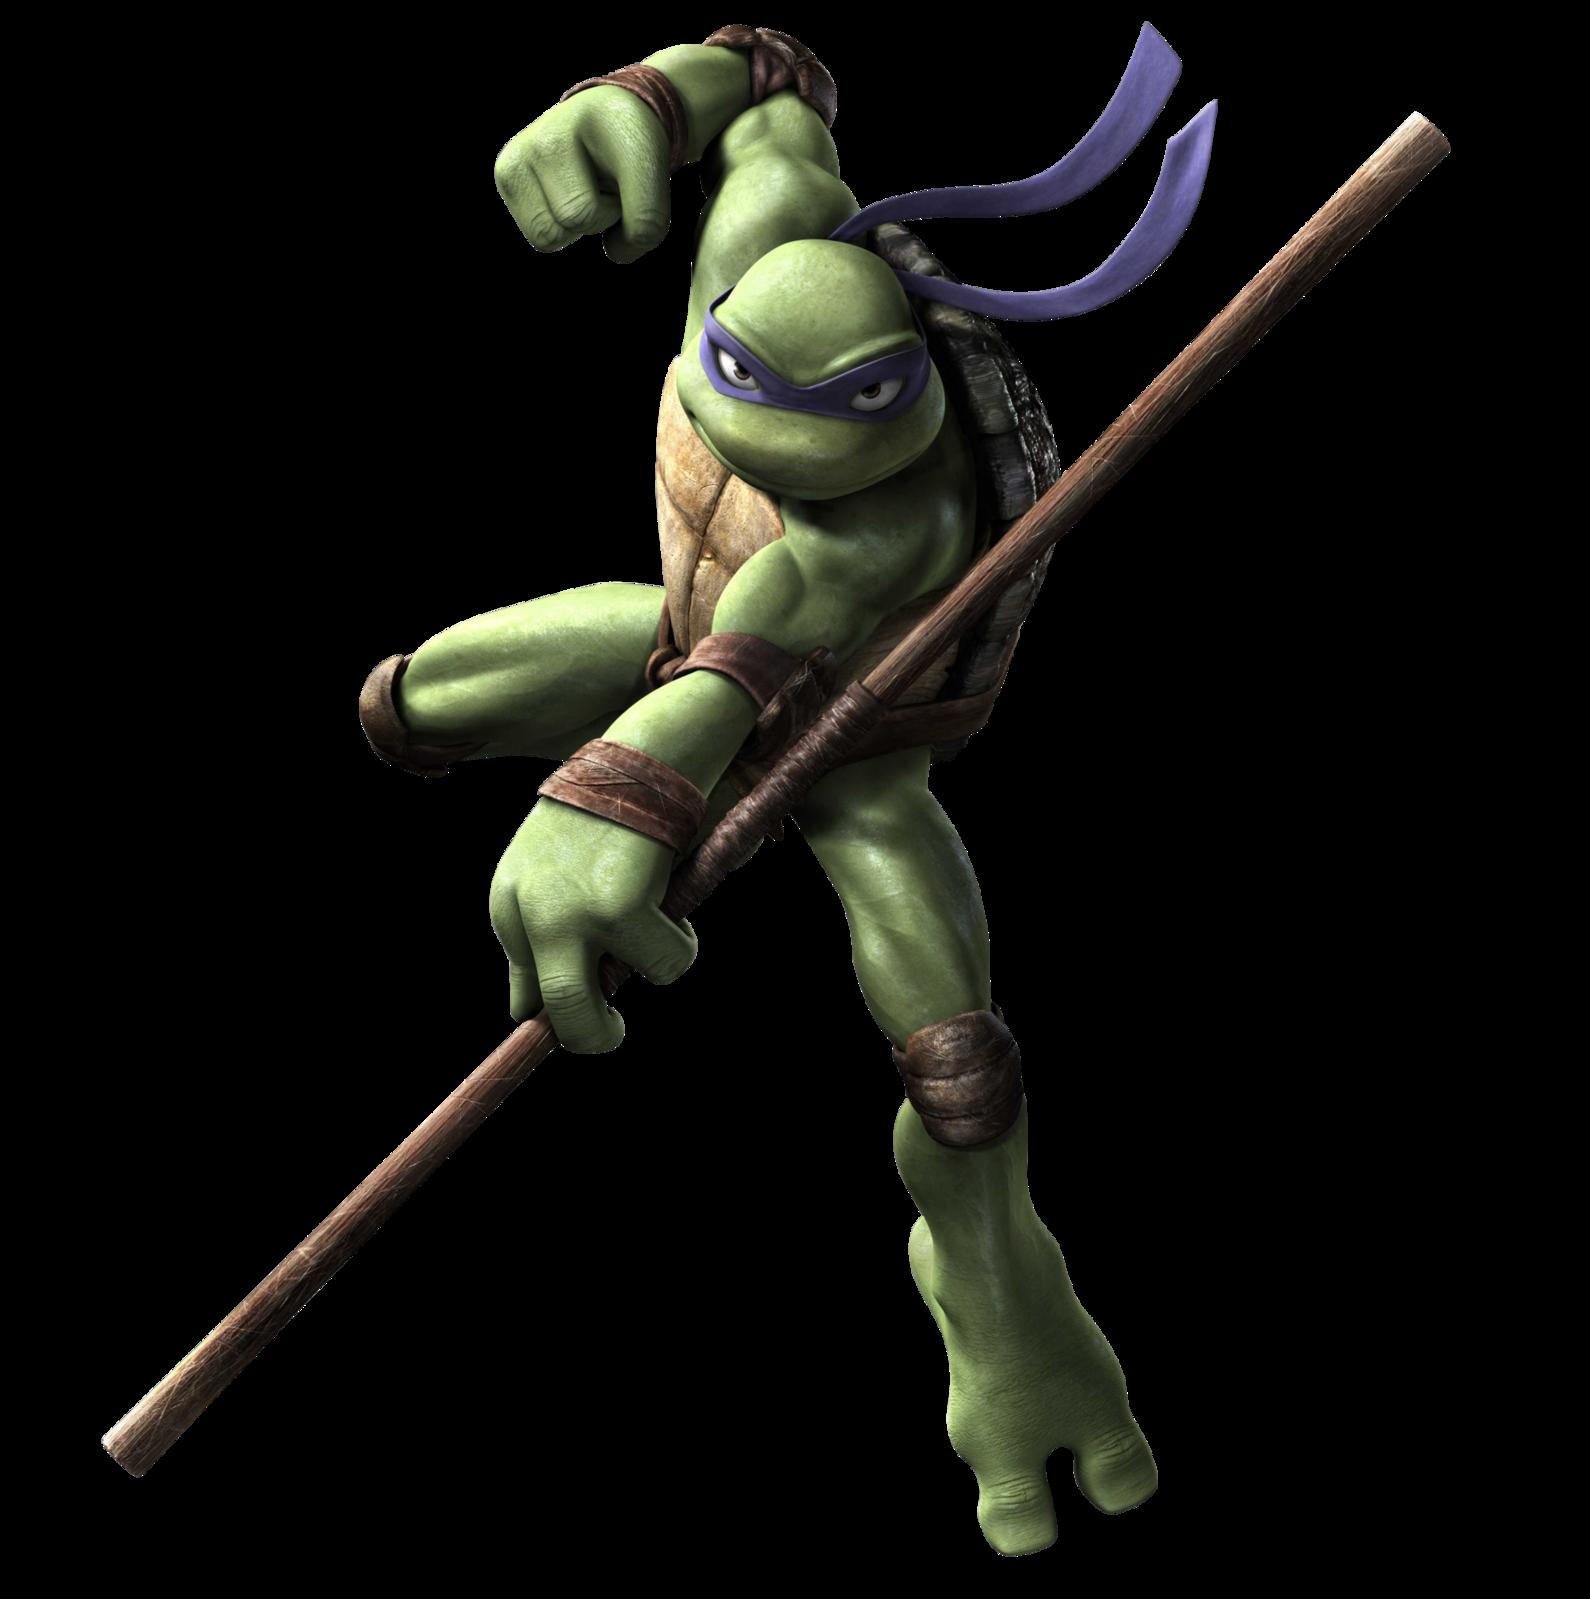 Tmnt Donatello Vs Donatello